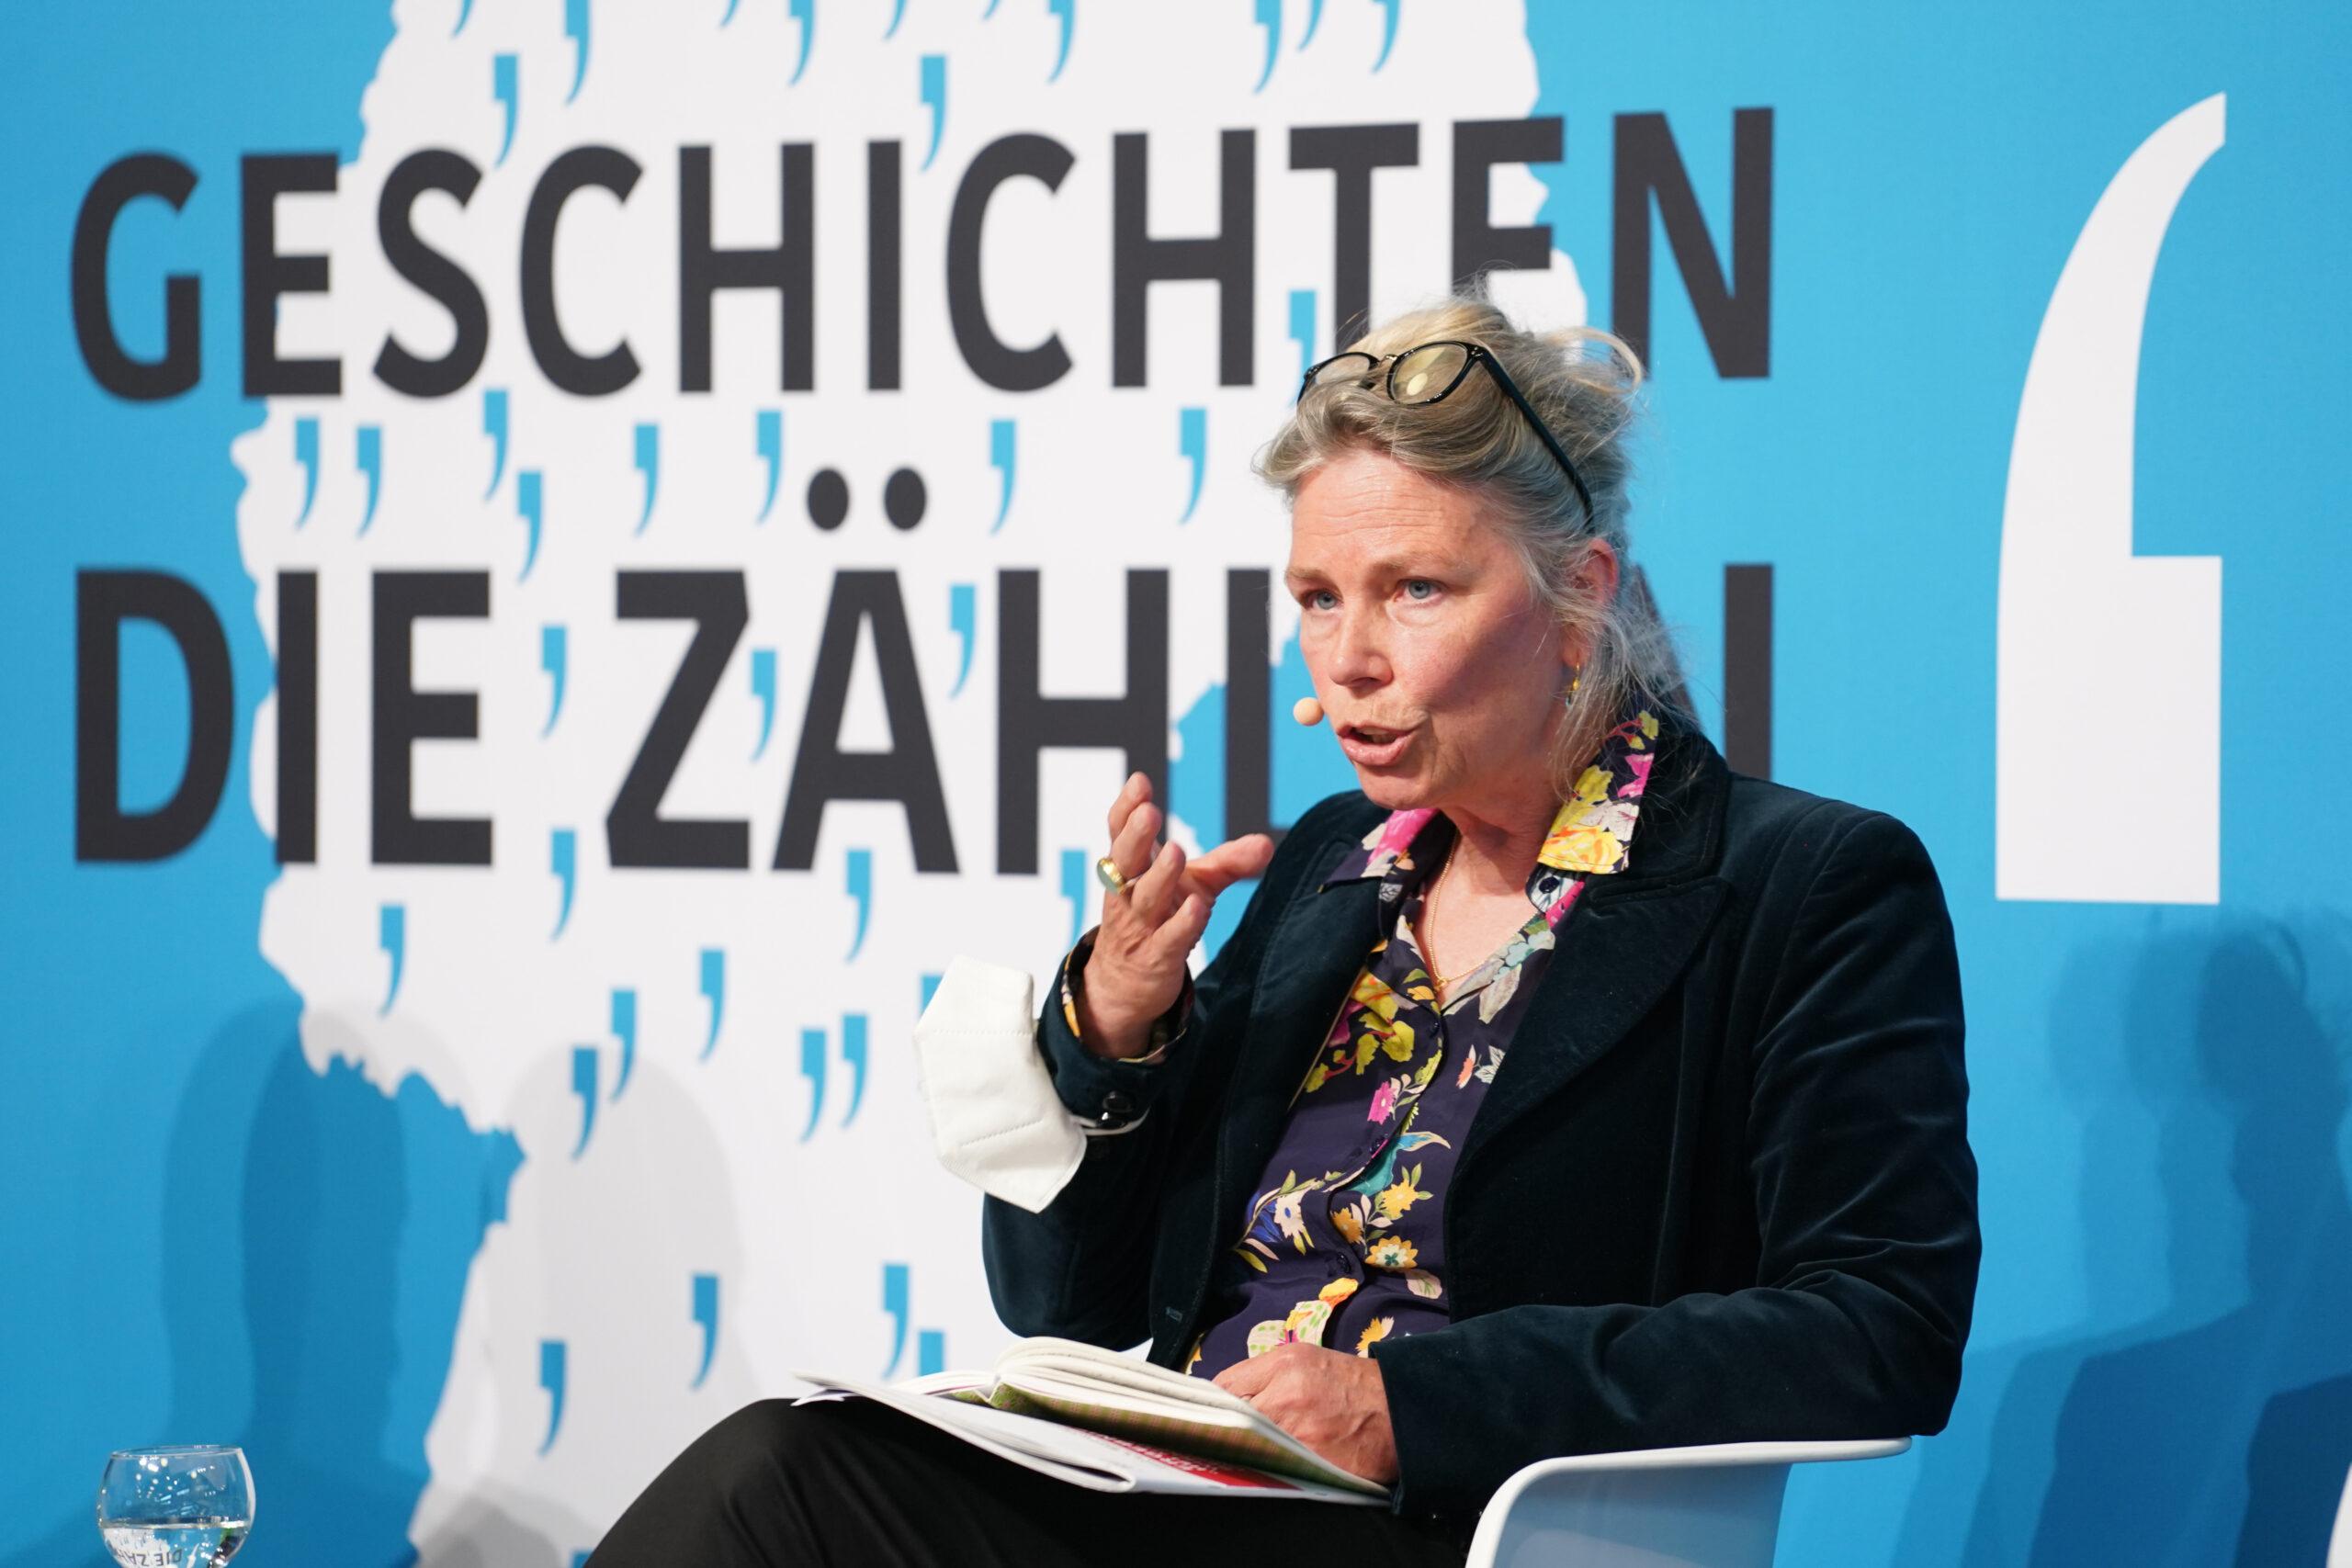 Eine Frau sitzt in einem Sessel und spricht. Hinter ist befindet sich das Bild einer Deutschlandkarte mit vielen Anführungszeichen und der Text: Geschichten, die zählen.